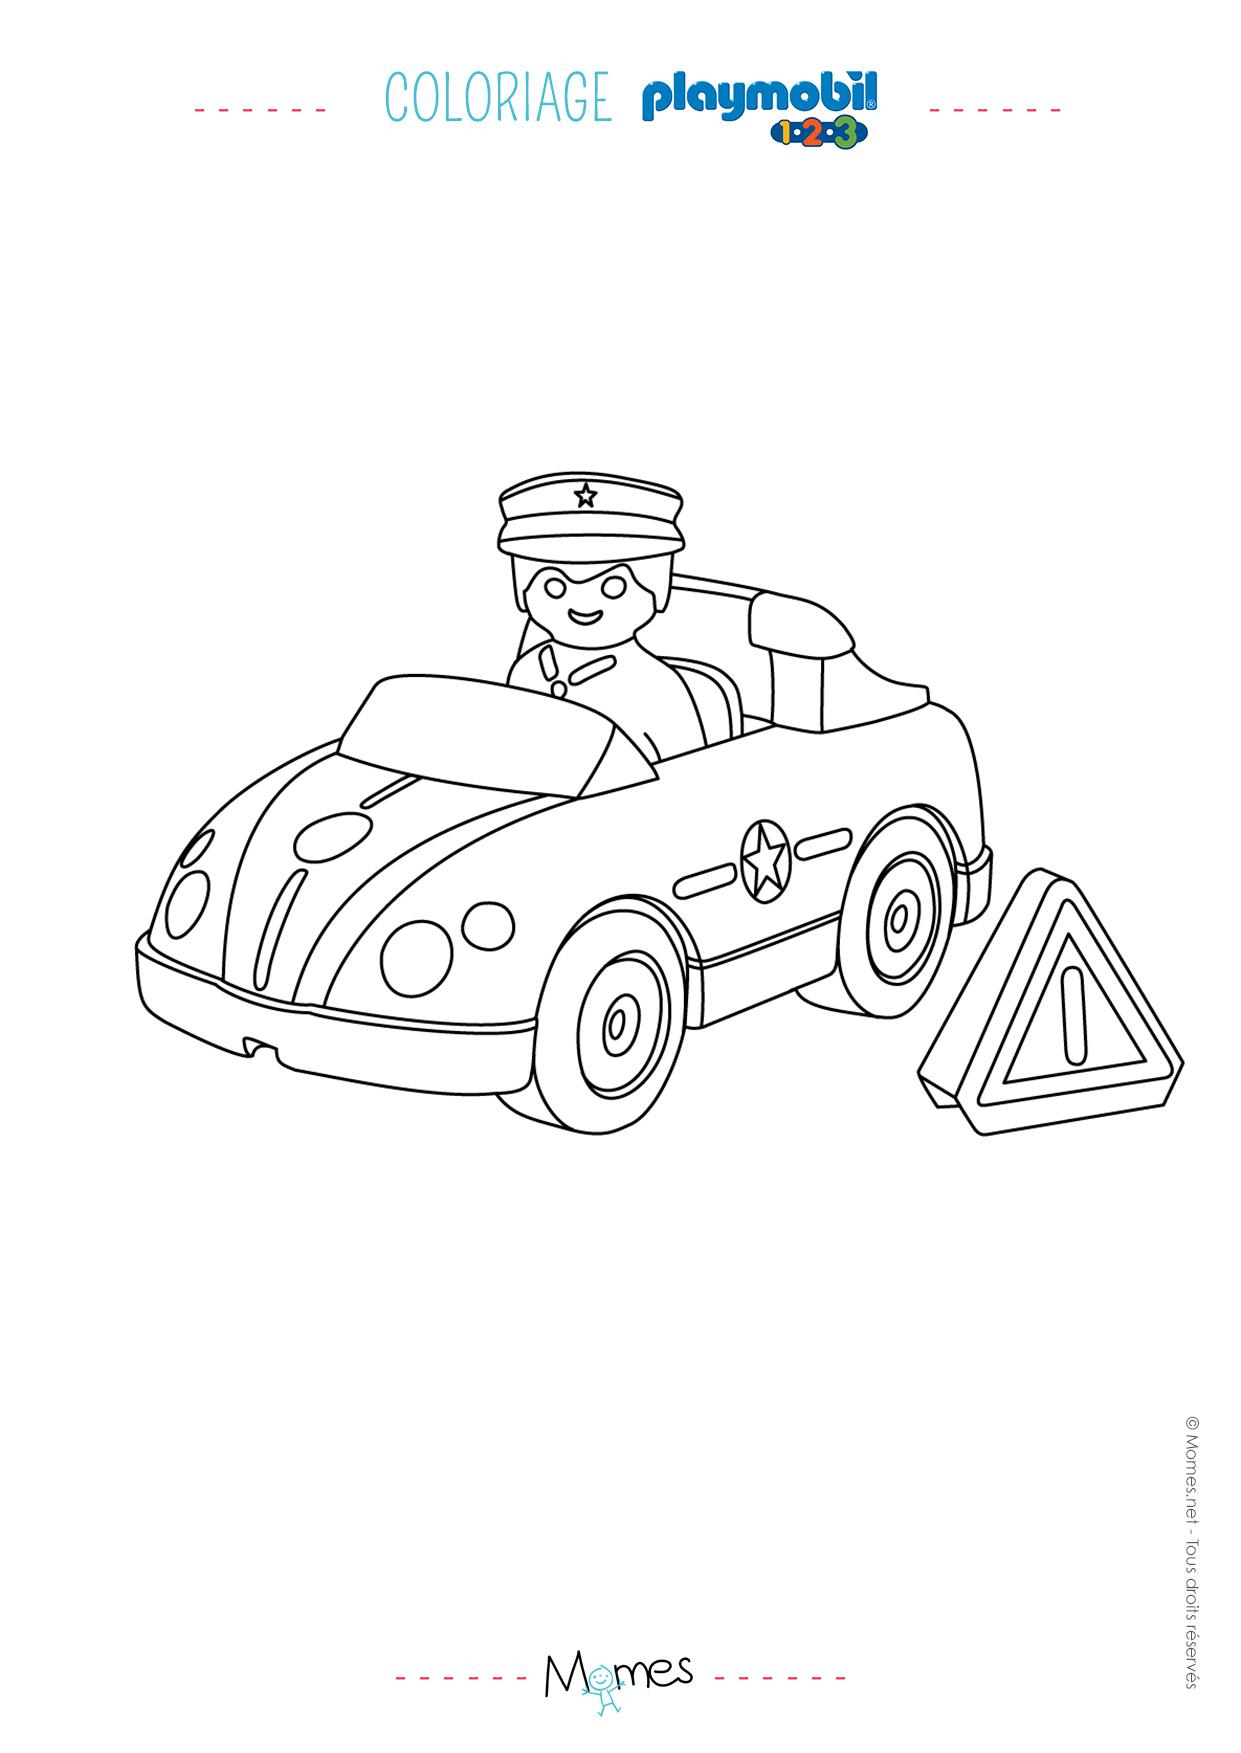 Coloriage La Voiture De Police Et Le Policier Playmobil 123 concernant Apprendre A Dessiner Une Voiture